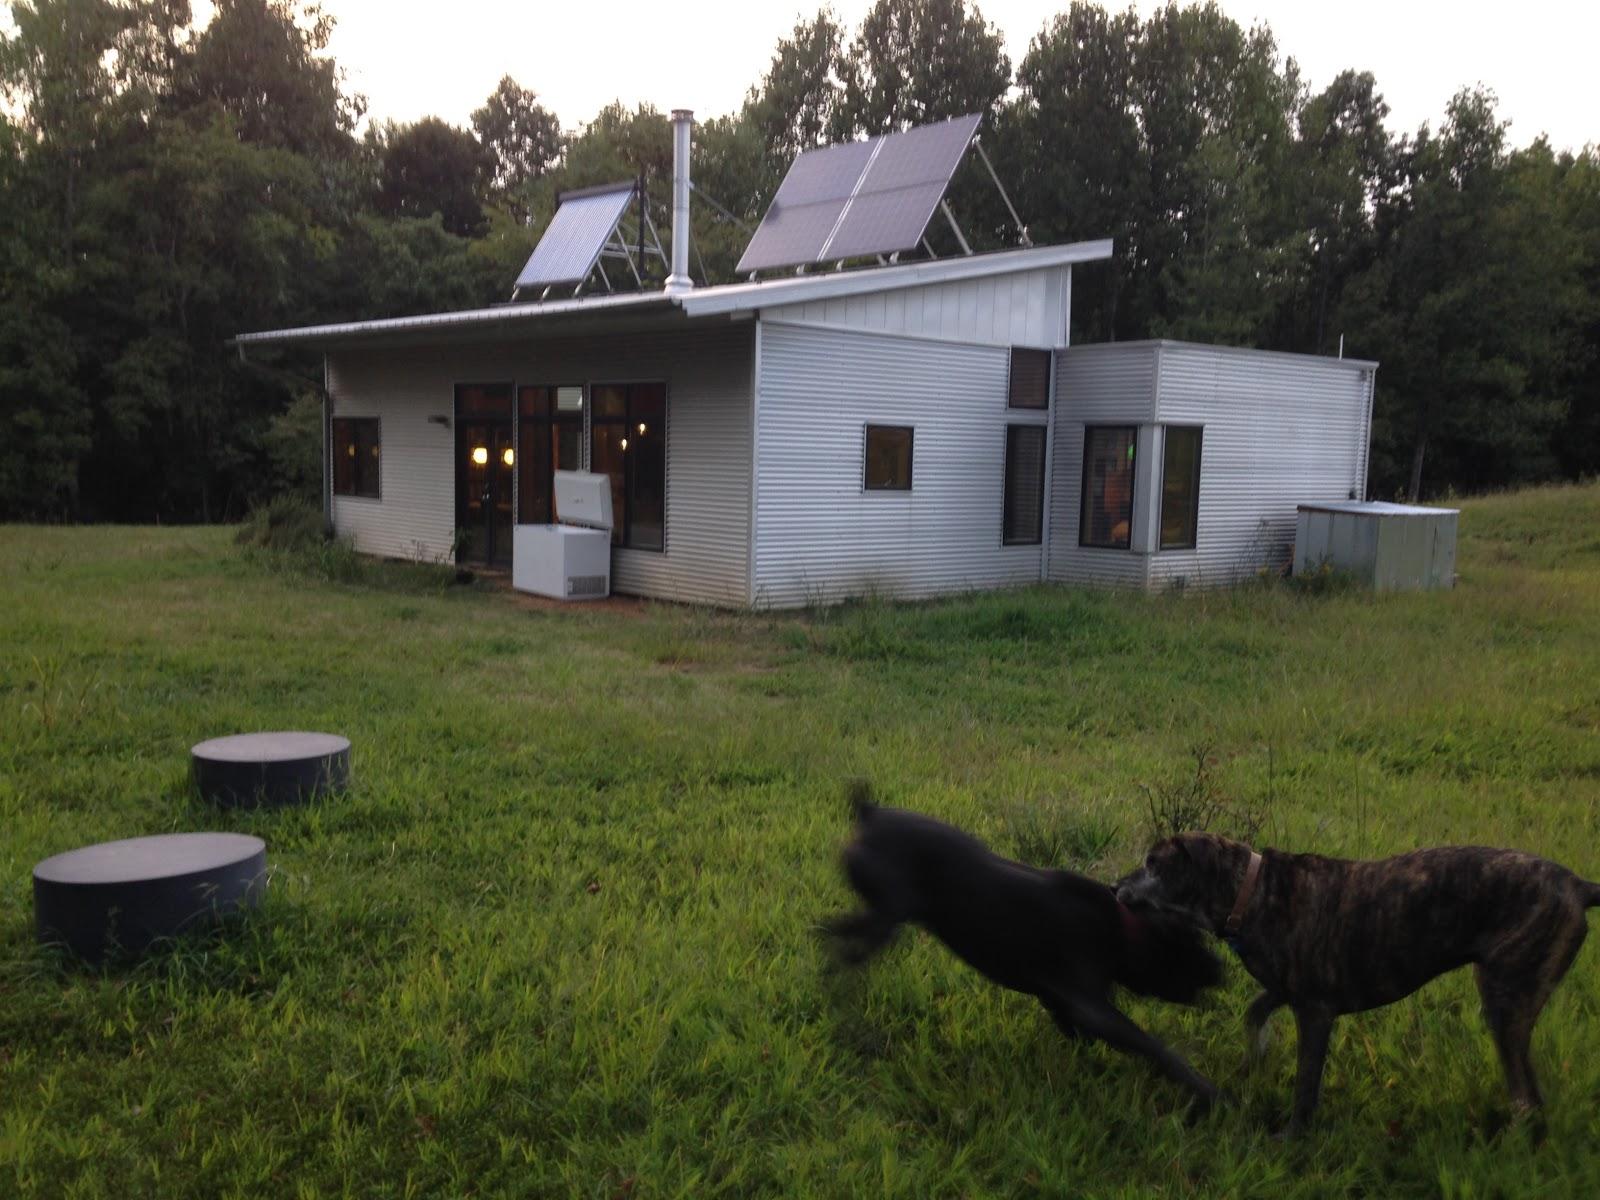 Modern Off Grid Prefab House Is Chock Full Of DIY